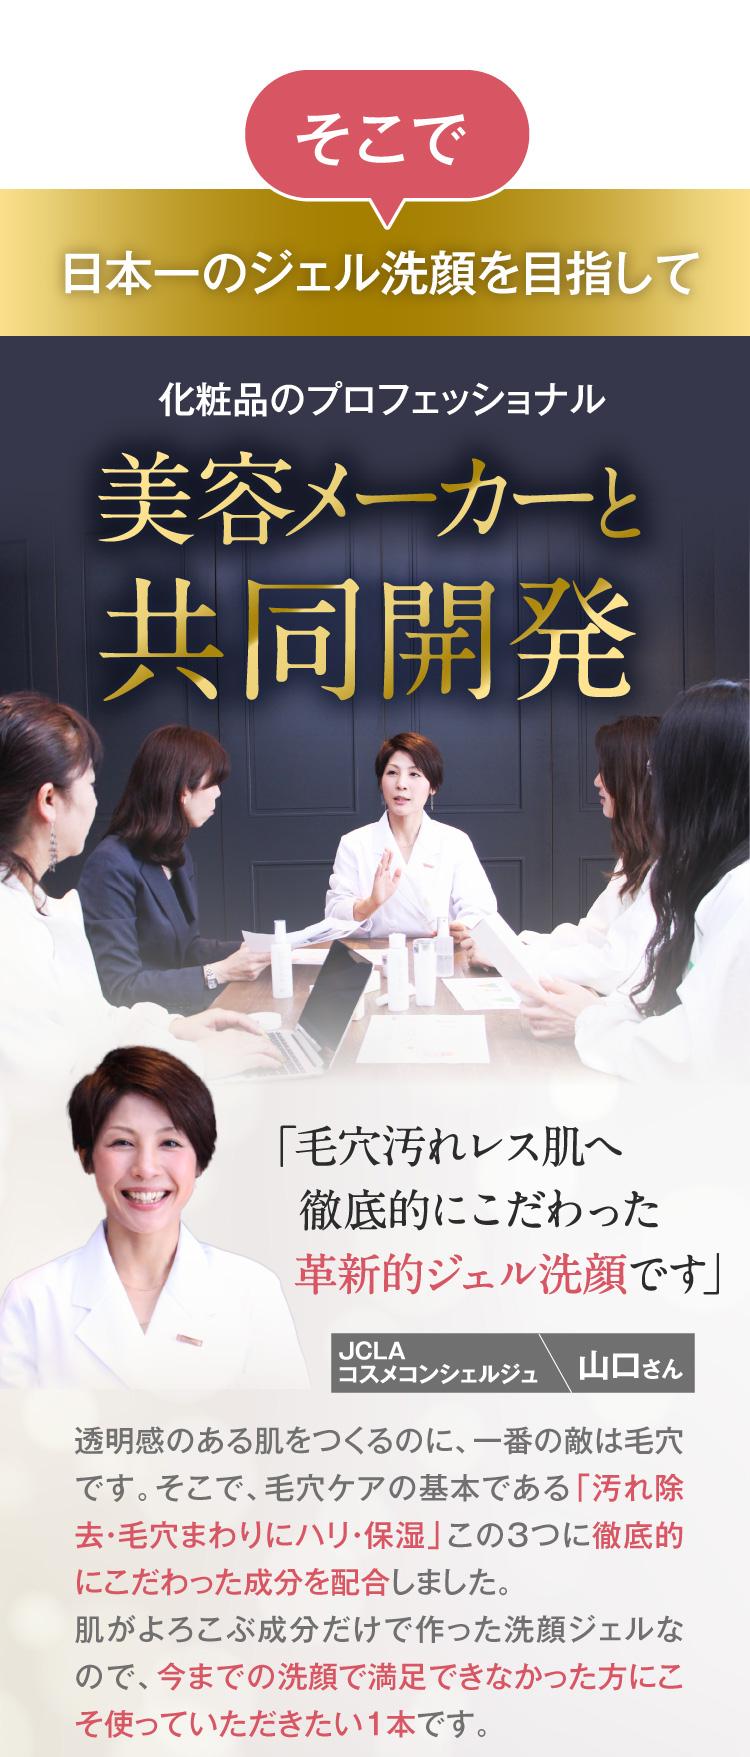 日本一のジェル洗顔を目指して美容メーカーと共同開発